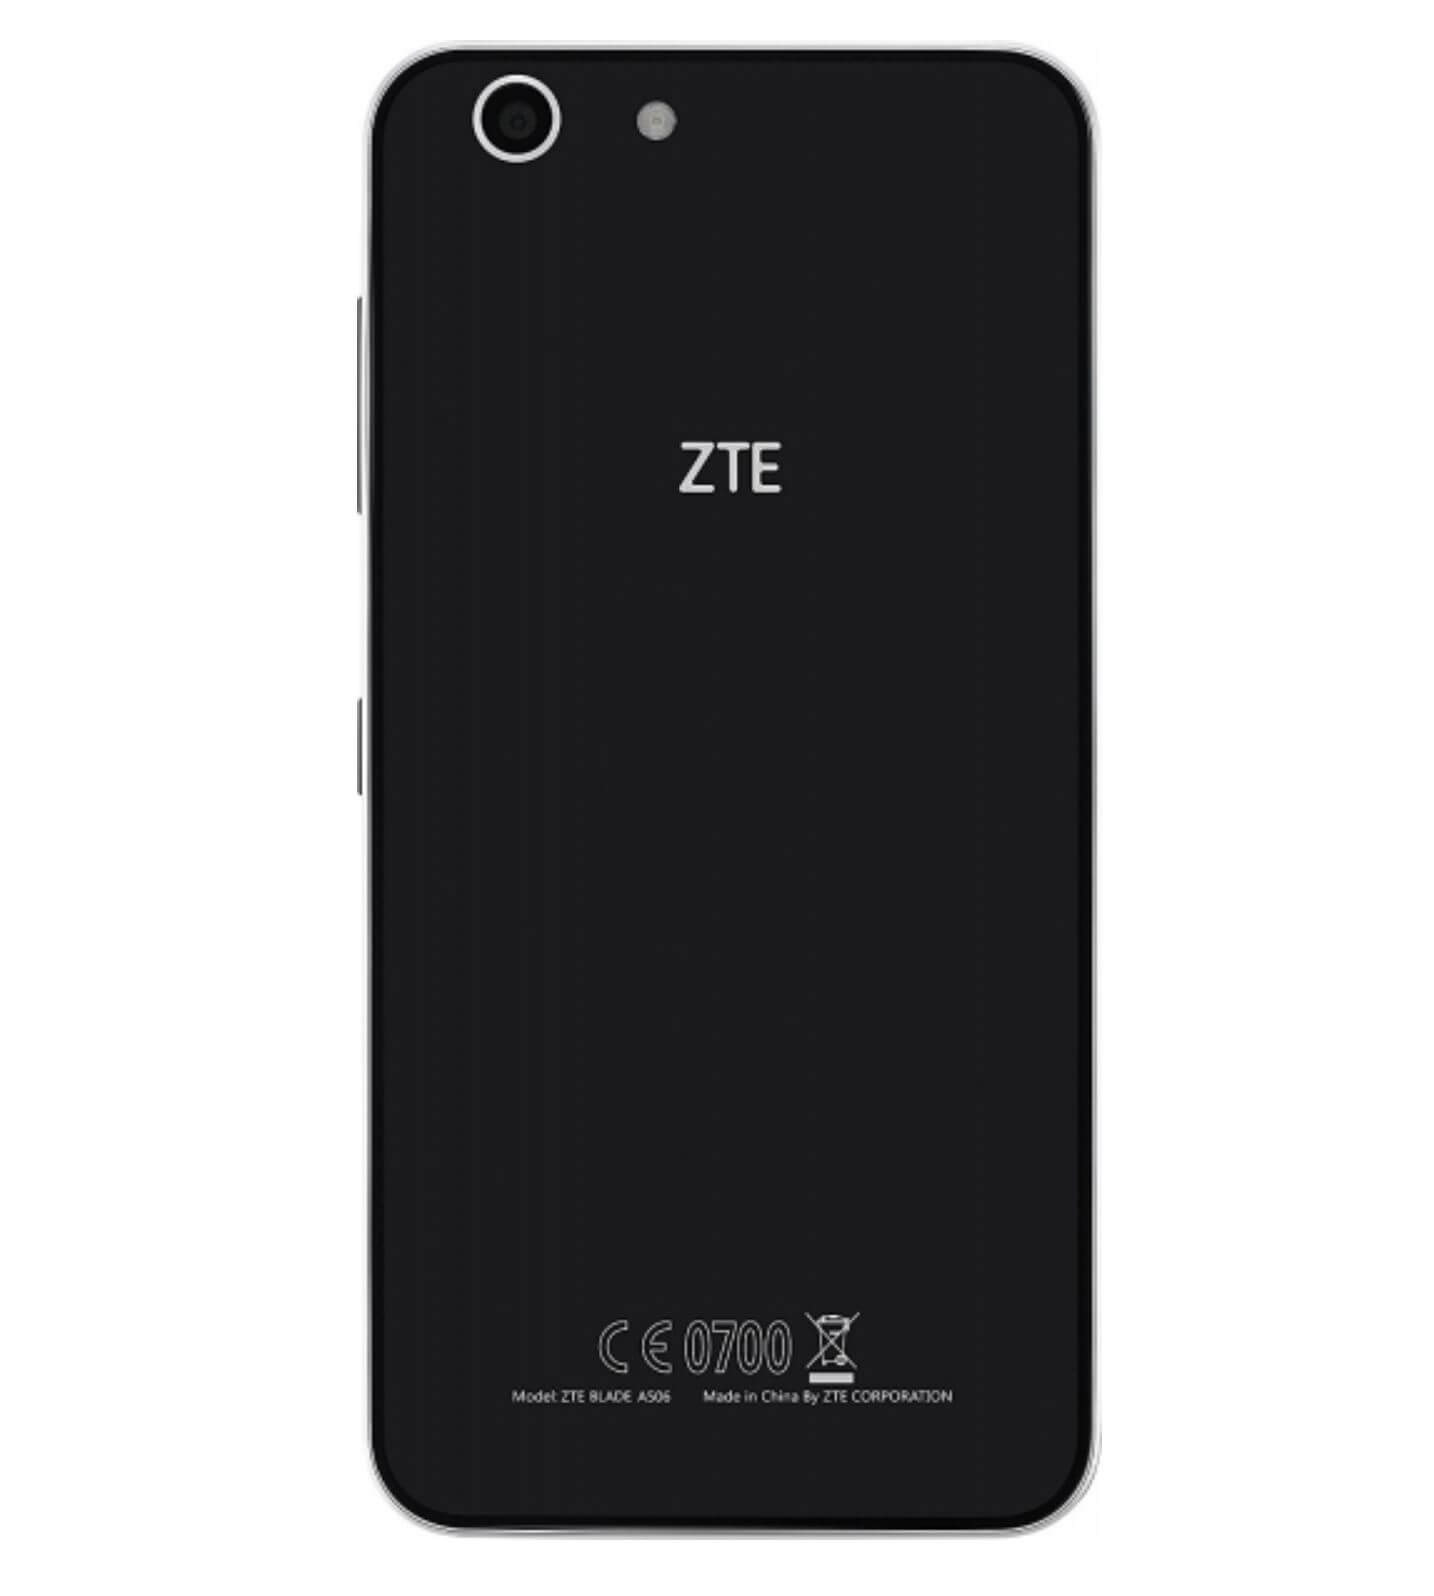 ZTE Blade A506